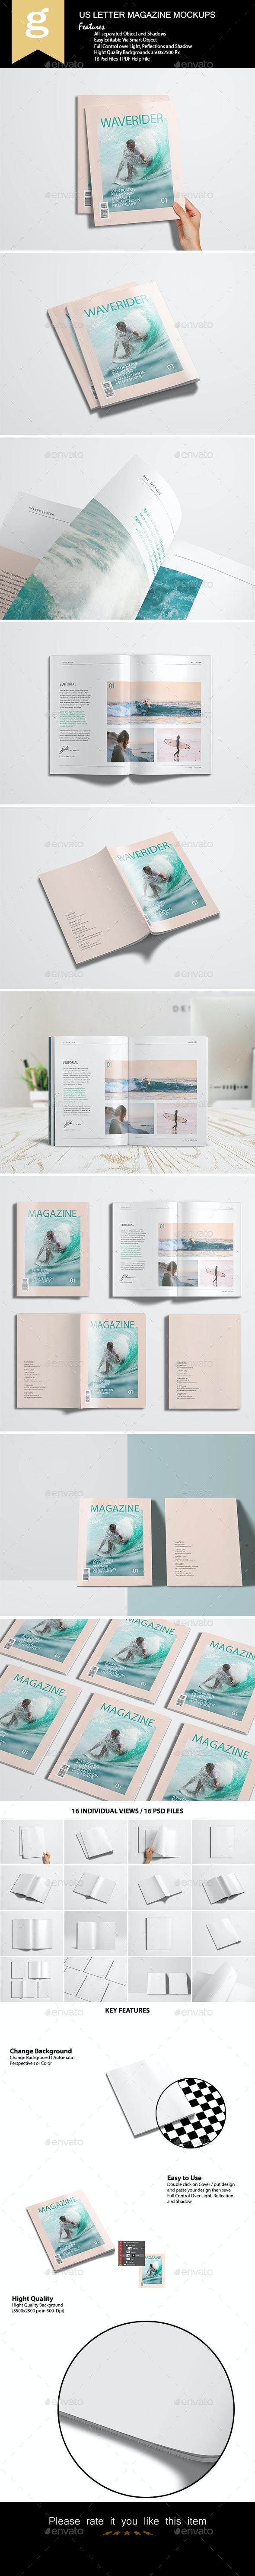 Us Letter Magazine Mock-Up - Magazines Print